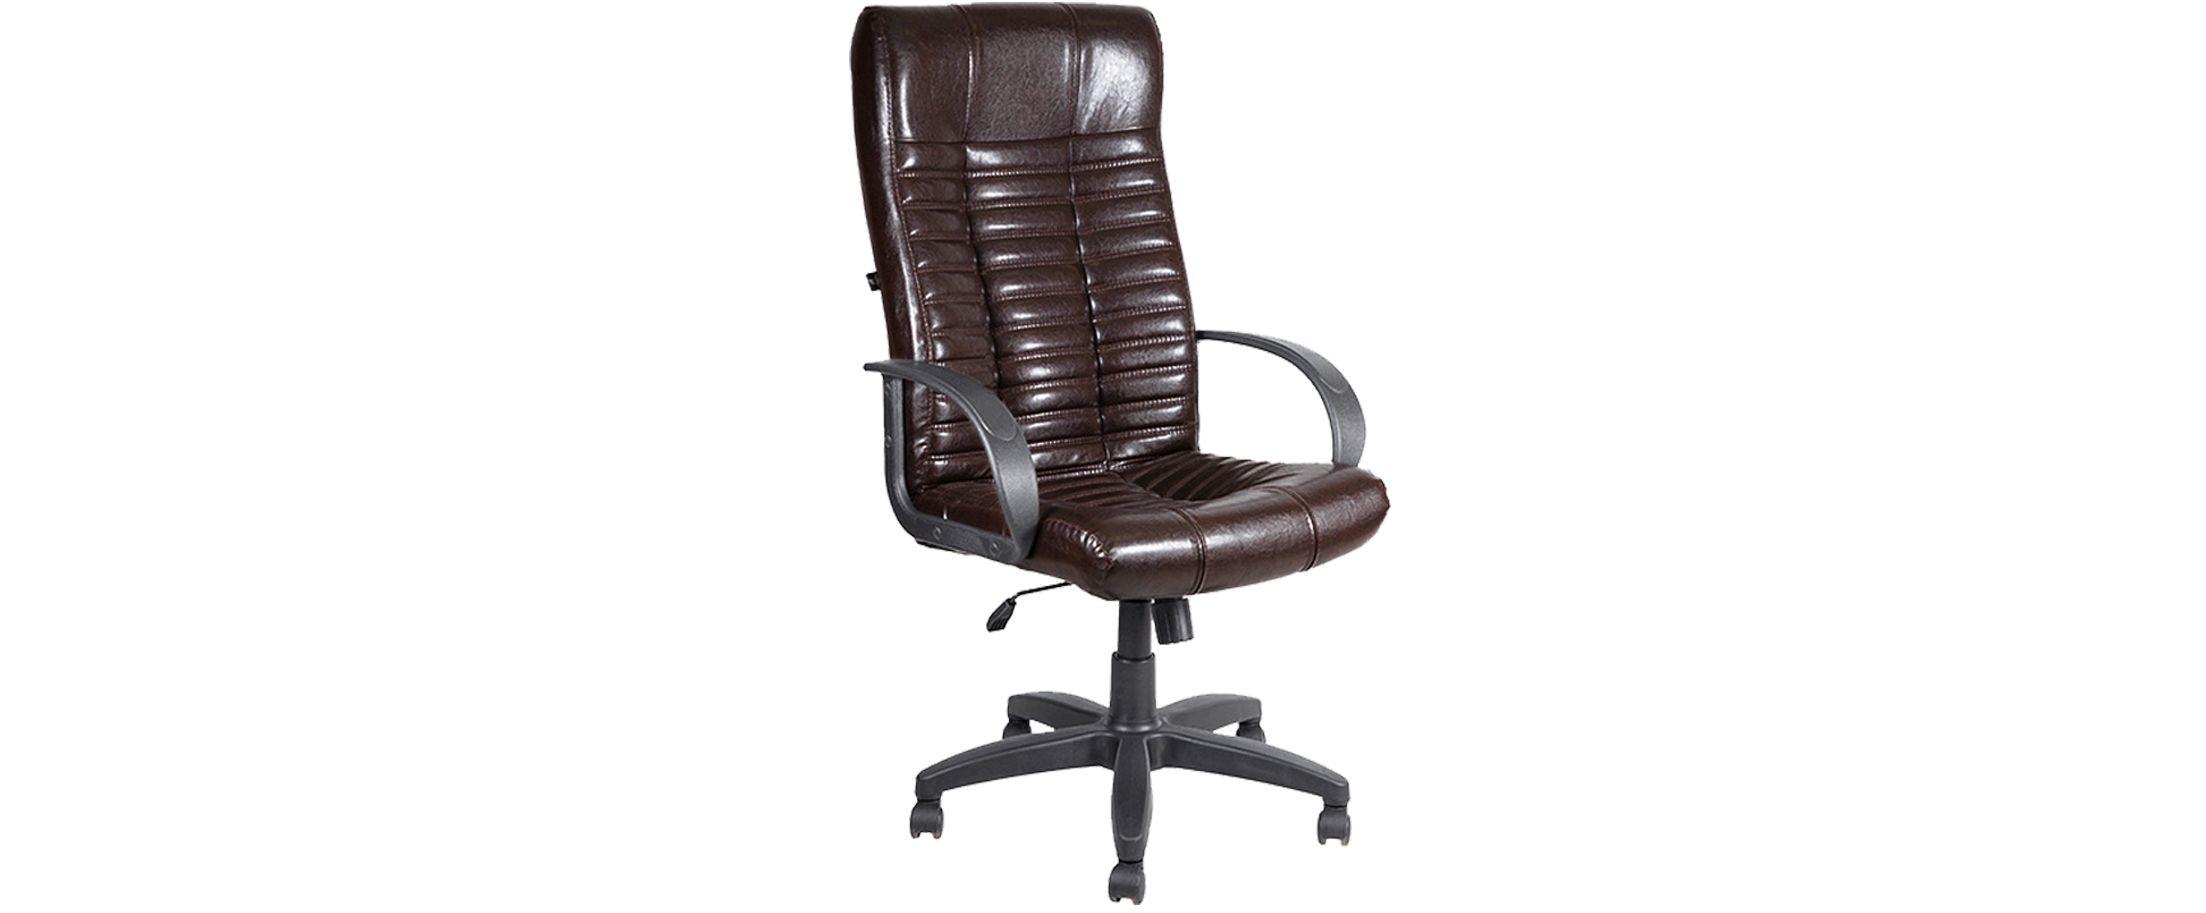 Кресло офисное AV 104 шоколад Модель 999 от MOON TRADE